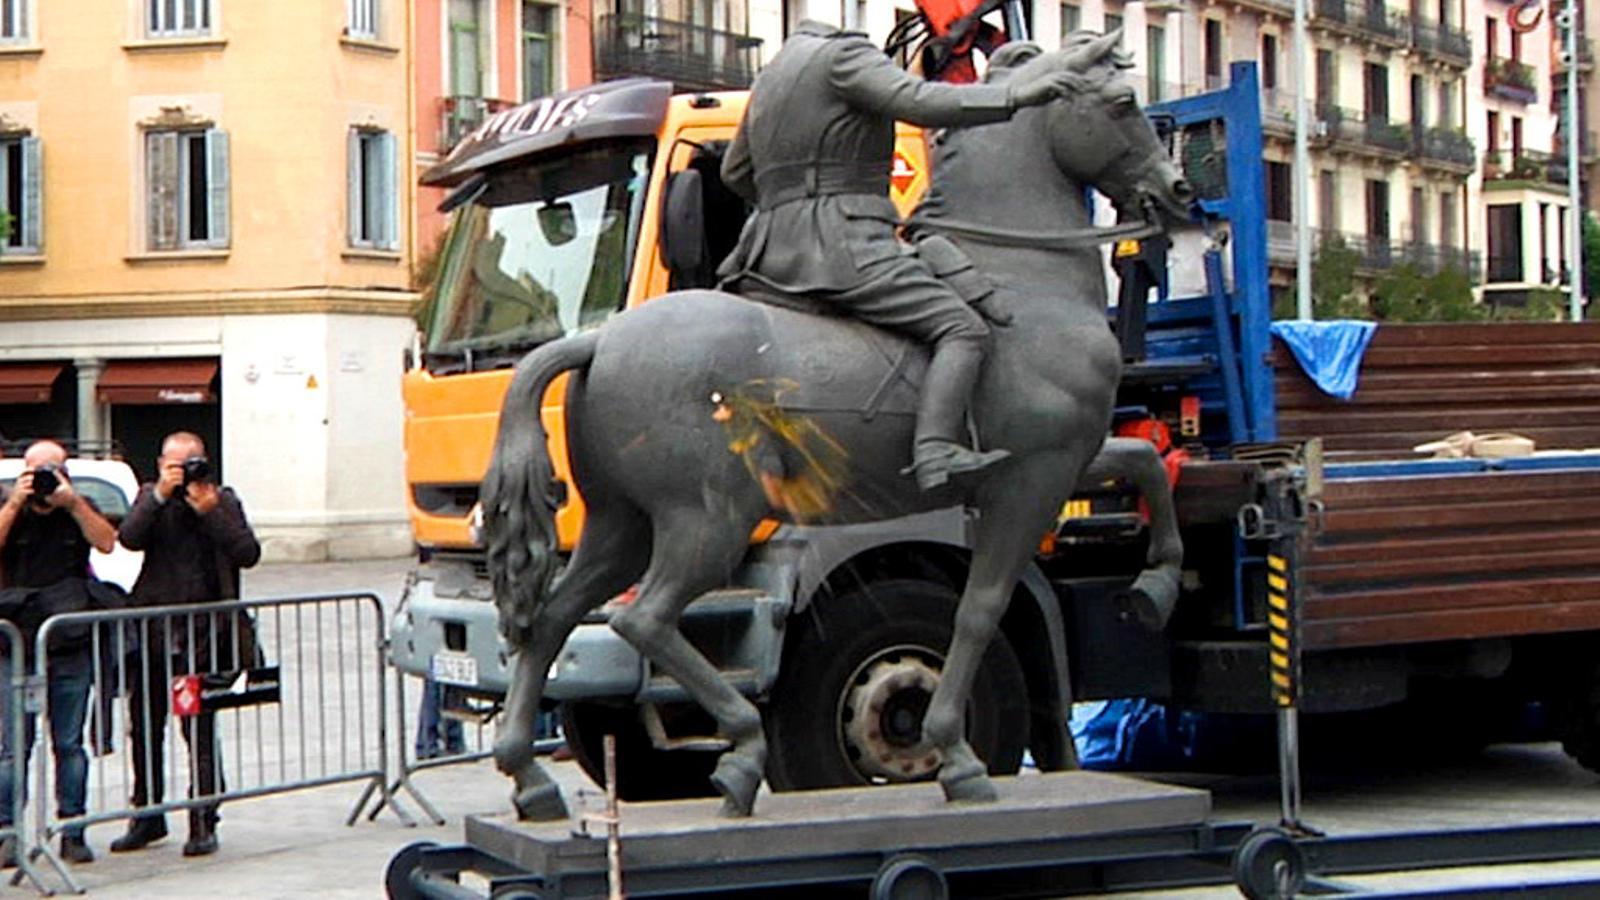 L'anàlisi d'Antoni Bassas: Menys esquinçar-se les vestidures amb una estàtua